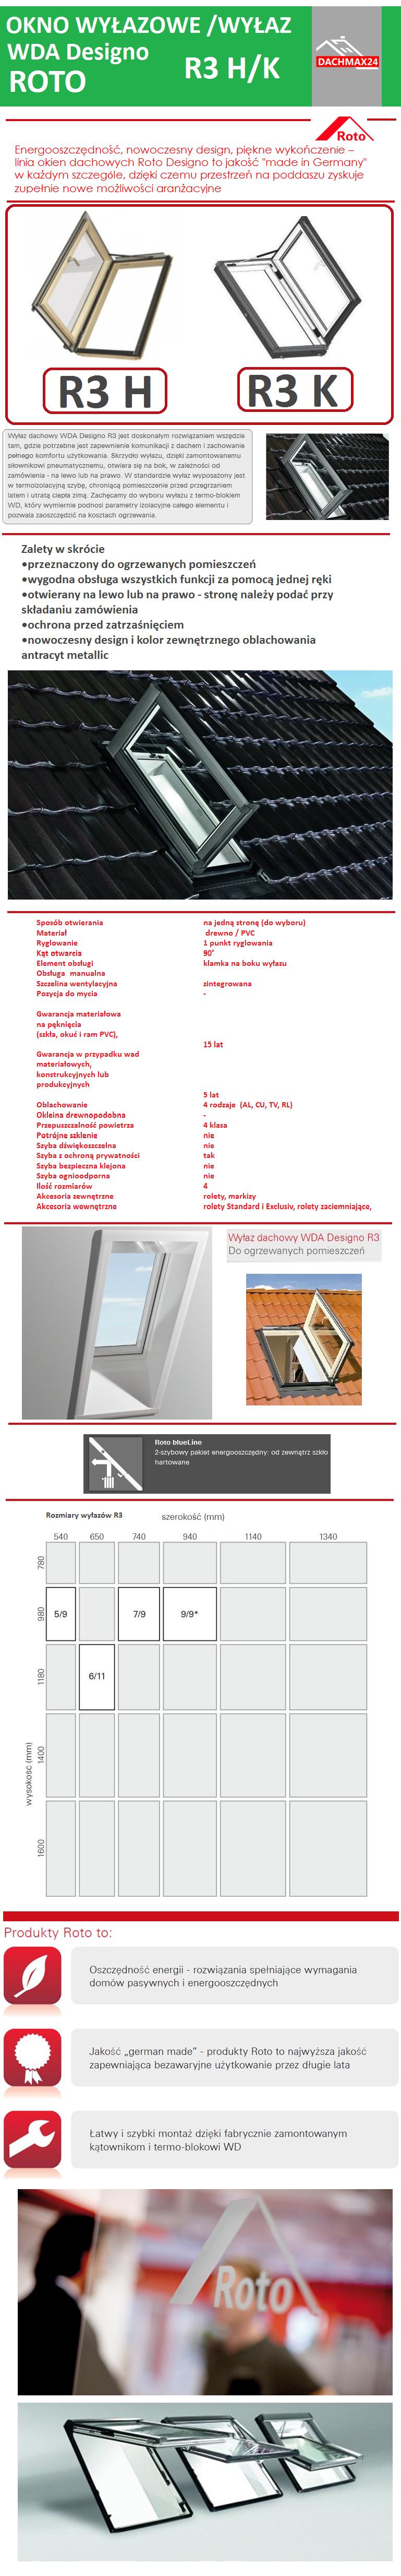 Okno wyłazowe Roto WDA Designo R35 WD H/K wyłaz z termo-blokiem